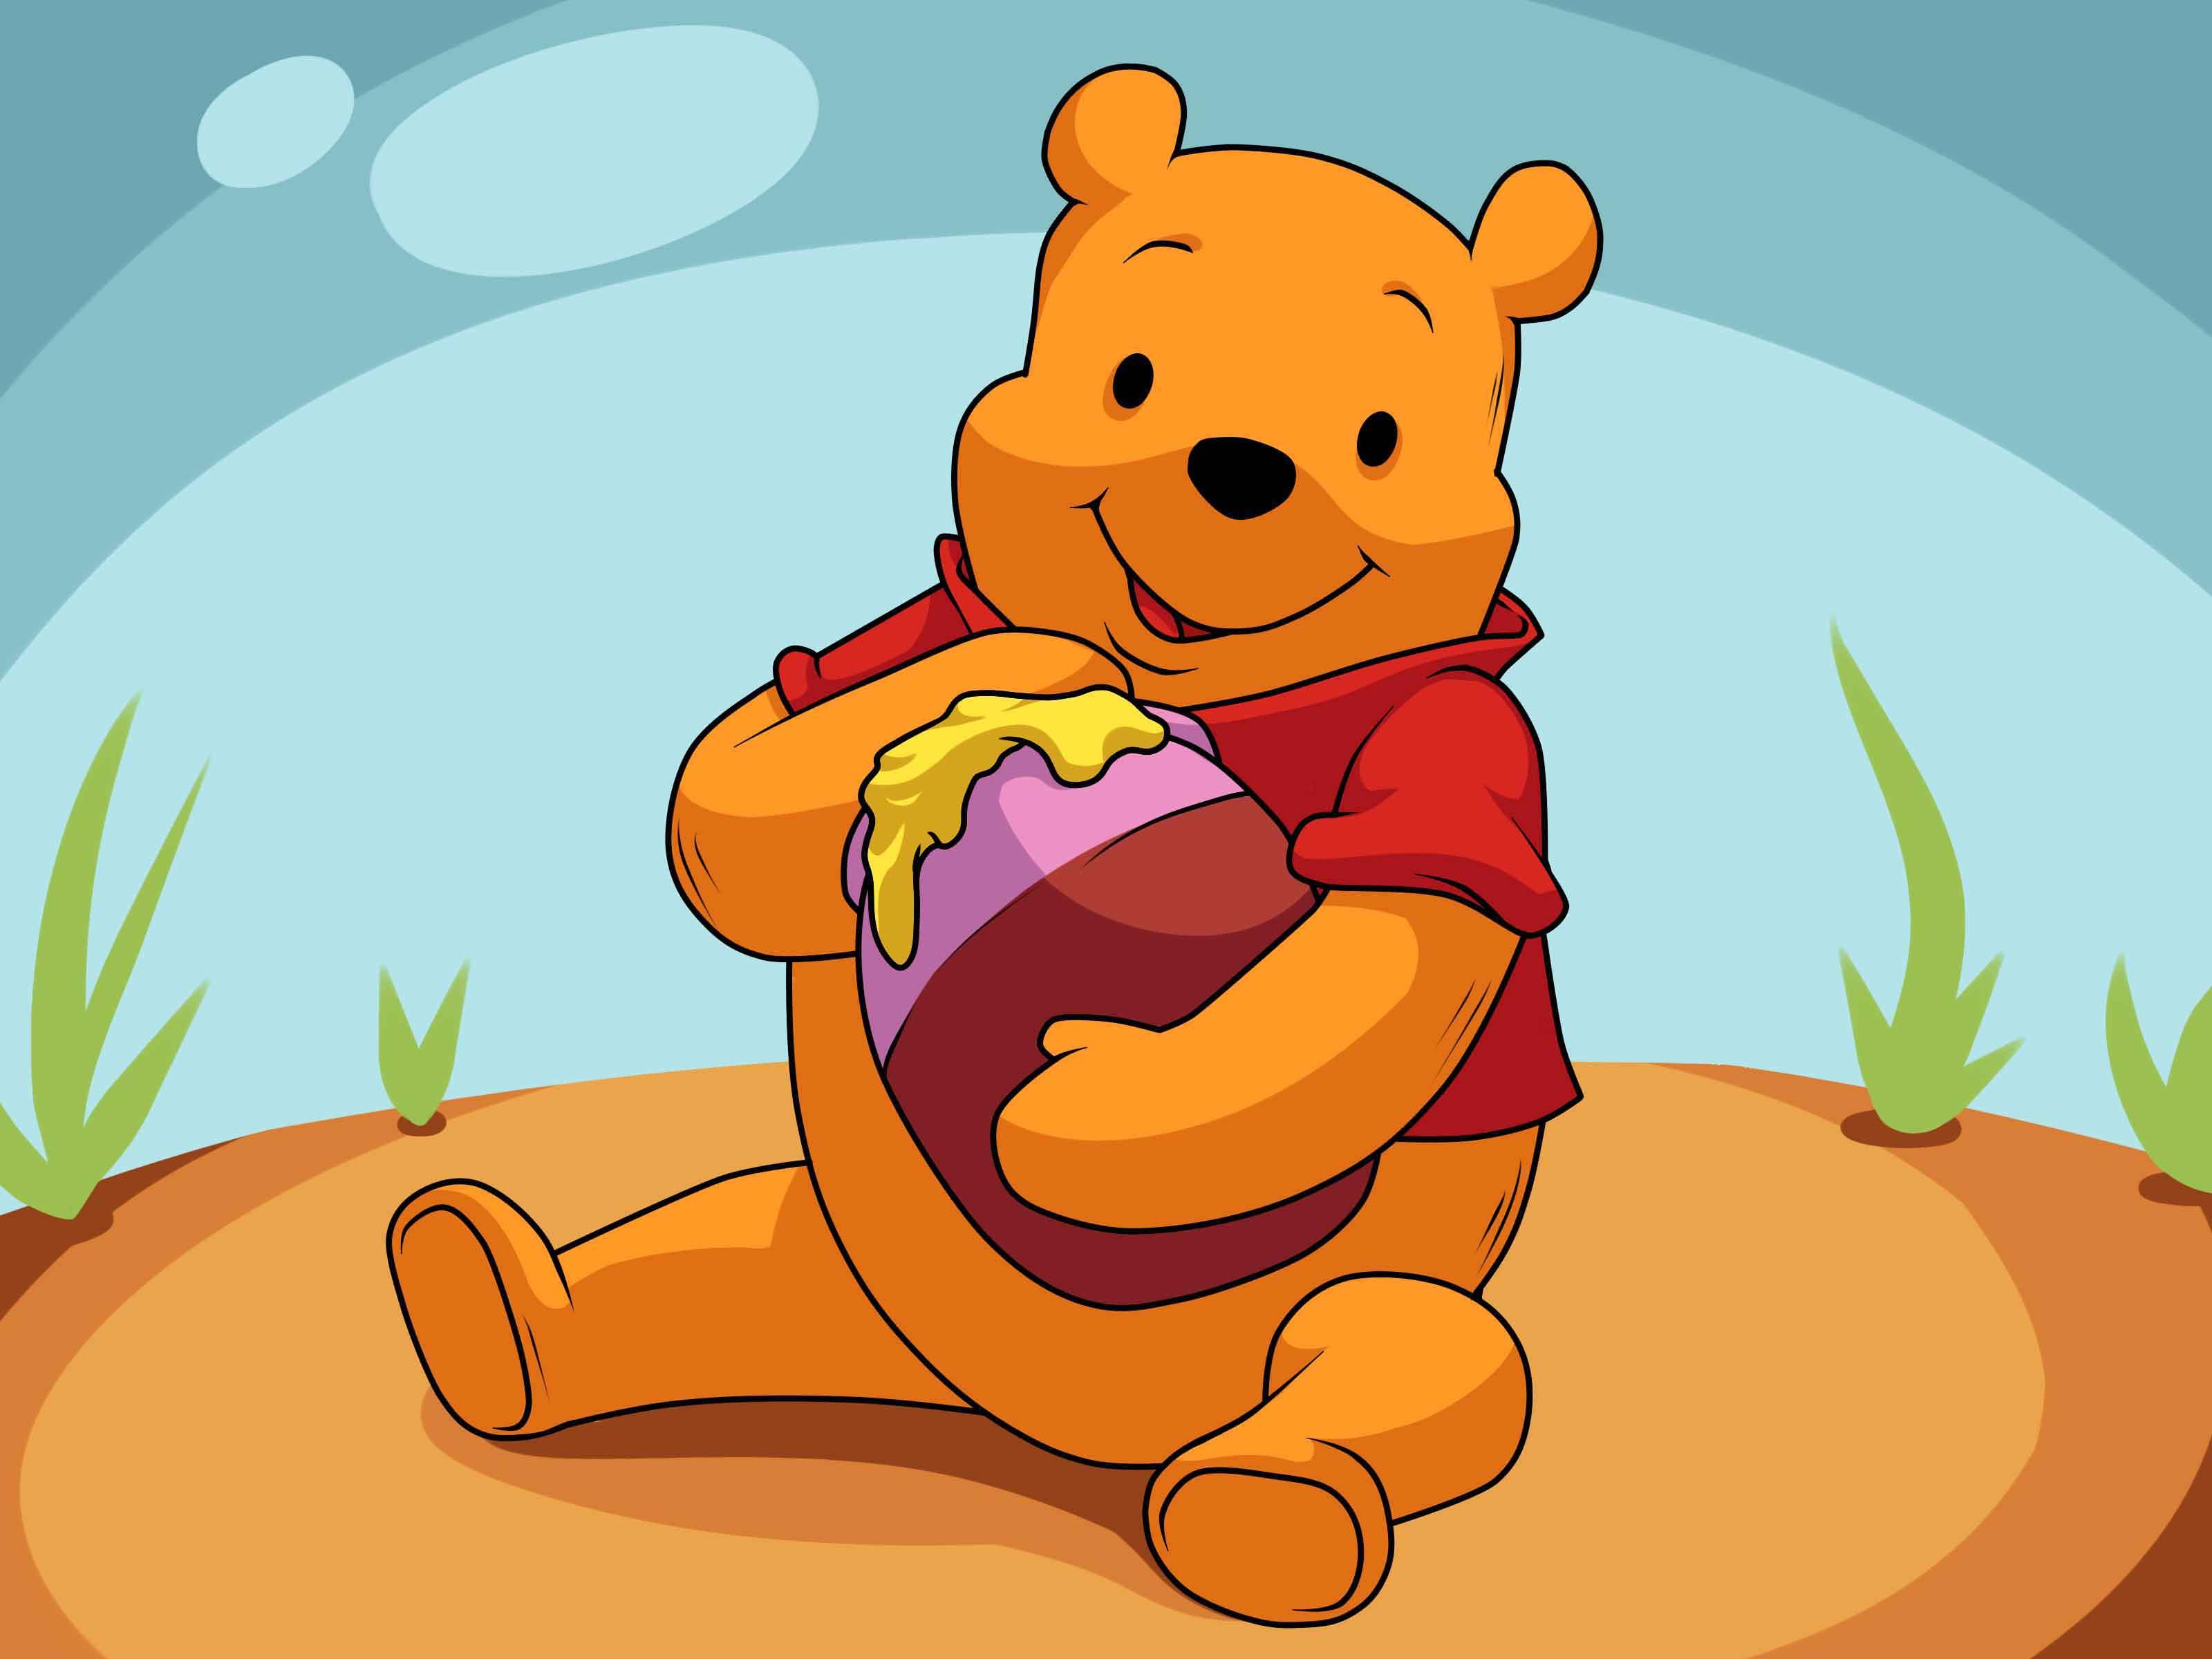 Sunt personajele grase din desenele animate o influenta proasta pentru copii?